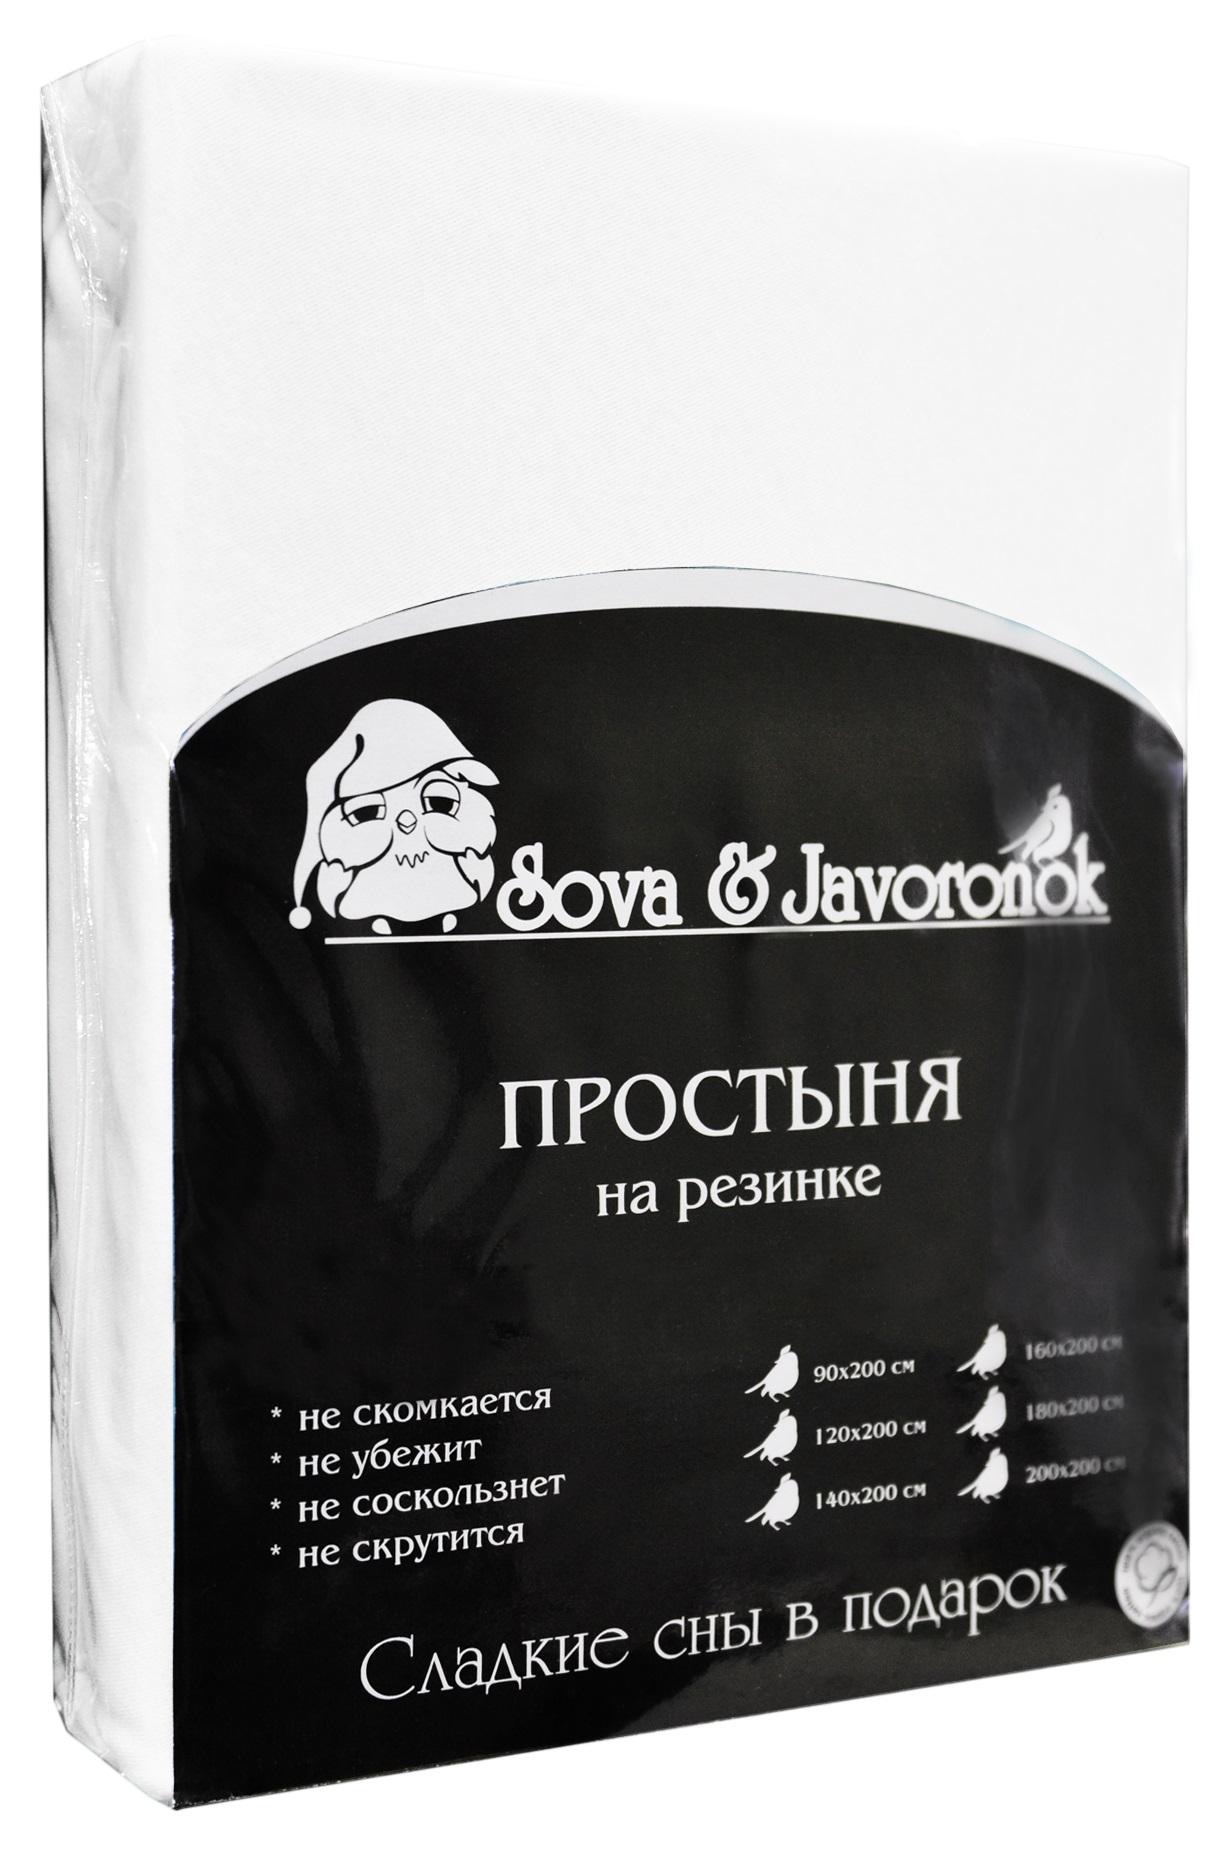 Простыня на резинке Sova & Javoronok, цвет: белый, 140 х 200 см0803114206Простыня на резинке Sova & Javoronok, изготовленная из трикотажной ткани (100% хлопок), будет превосходно смотреться с любыми комплектами белья. Хлопчатобумажный трикотаж по праву считается одним из самых качественных, прочных и при этом приятных на ощупь. Его гигиеничность позволяет использовать простыню и в детских комнатах, к тому же 100%-ый хлопок в составе ткани не вызовет аллергии. У трикотажного полотна очень интересная структура, немного рыхлая за счет отсутствия плотного переплетения нитей и наличия особых петель, благодаря этому простыня Сова и Жаворонок отлично пропускает воздух и способствует его постоянной циркуляции. Поэтому ваша постель будет всегда оставаться свежей. Но главное и, пожалуй, самое известное свойство трикотажа - это его великолепная растяжимость, поэтому эта ткань и была выбрана для натяжной простыни на резинке.Простыня прошита резинкой по всему периметру, что обеспечивает более комфортный отдых, так как она прочно удерживается на матрасе и избавляет от необходимости часто поправлять простыню. Подходит для матрасов до 20 см.